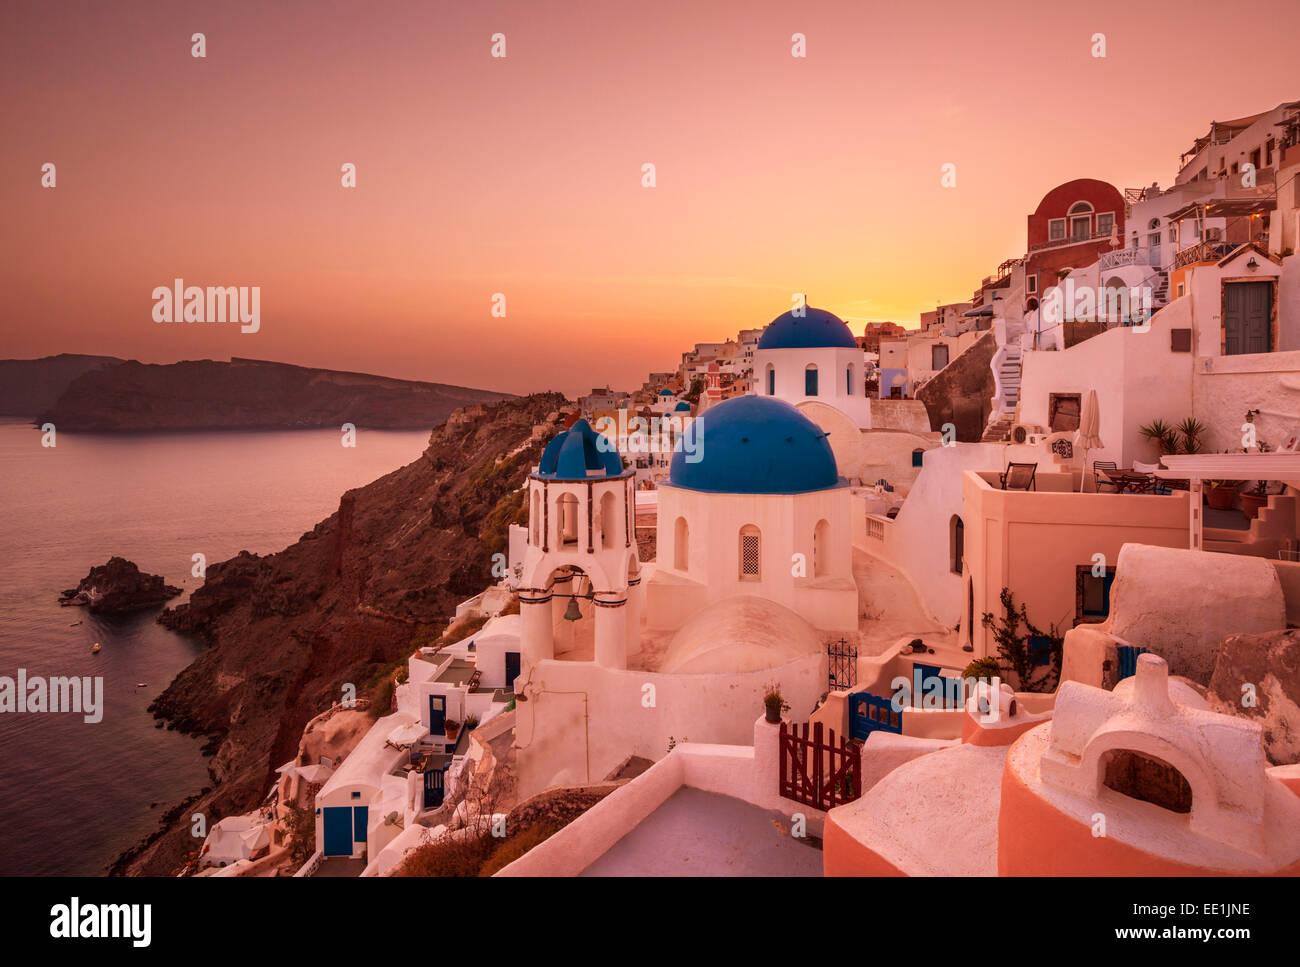 Iglesia griega con tres cúpulas azules en la puesta de sol de Oia, Santorini (Thira), Islas Cícladas, Imagen De Stock